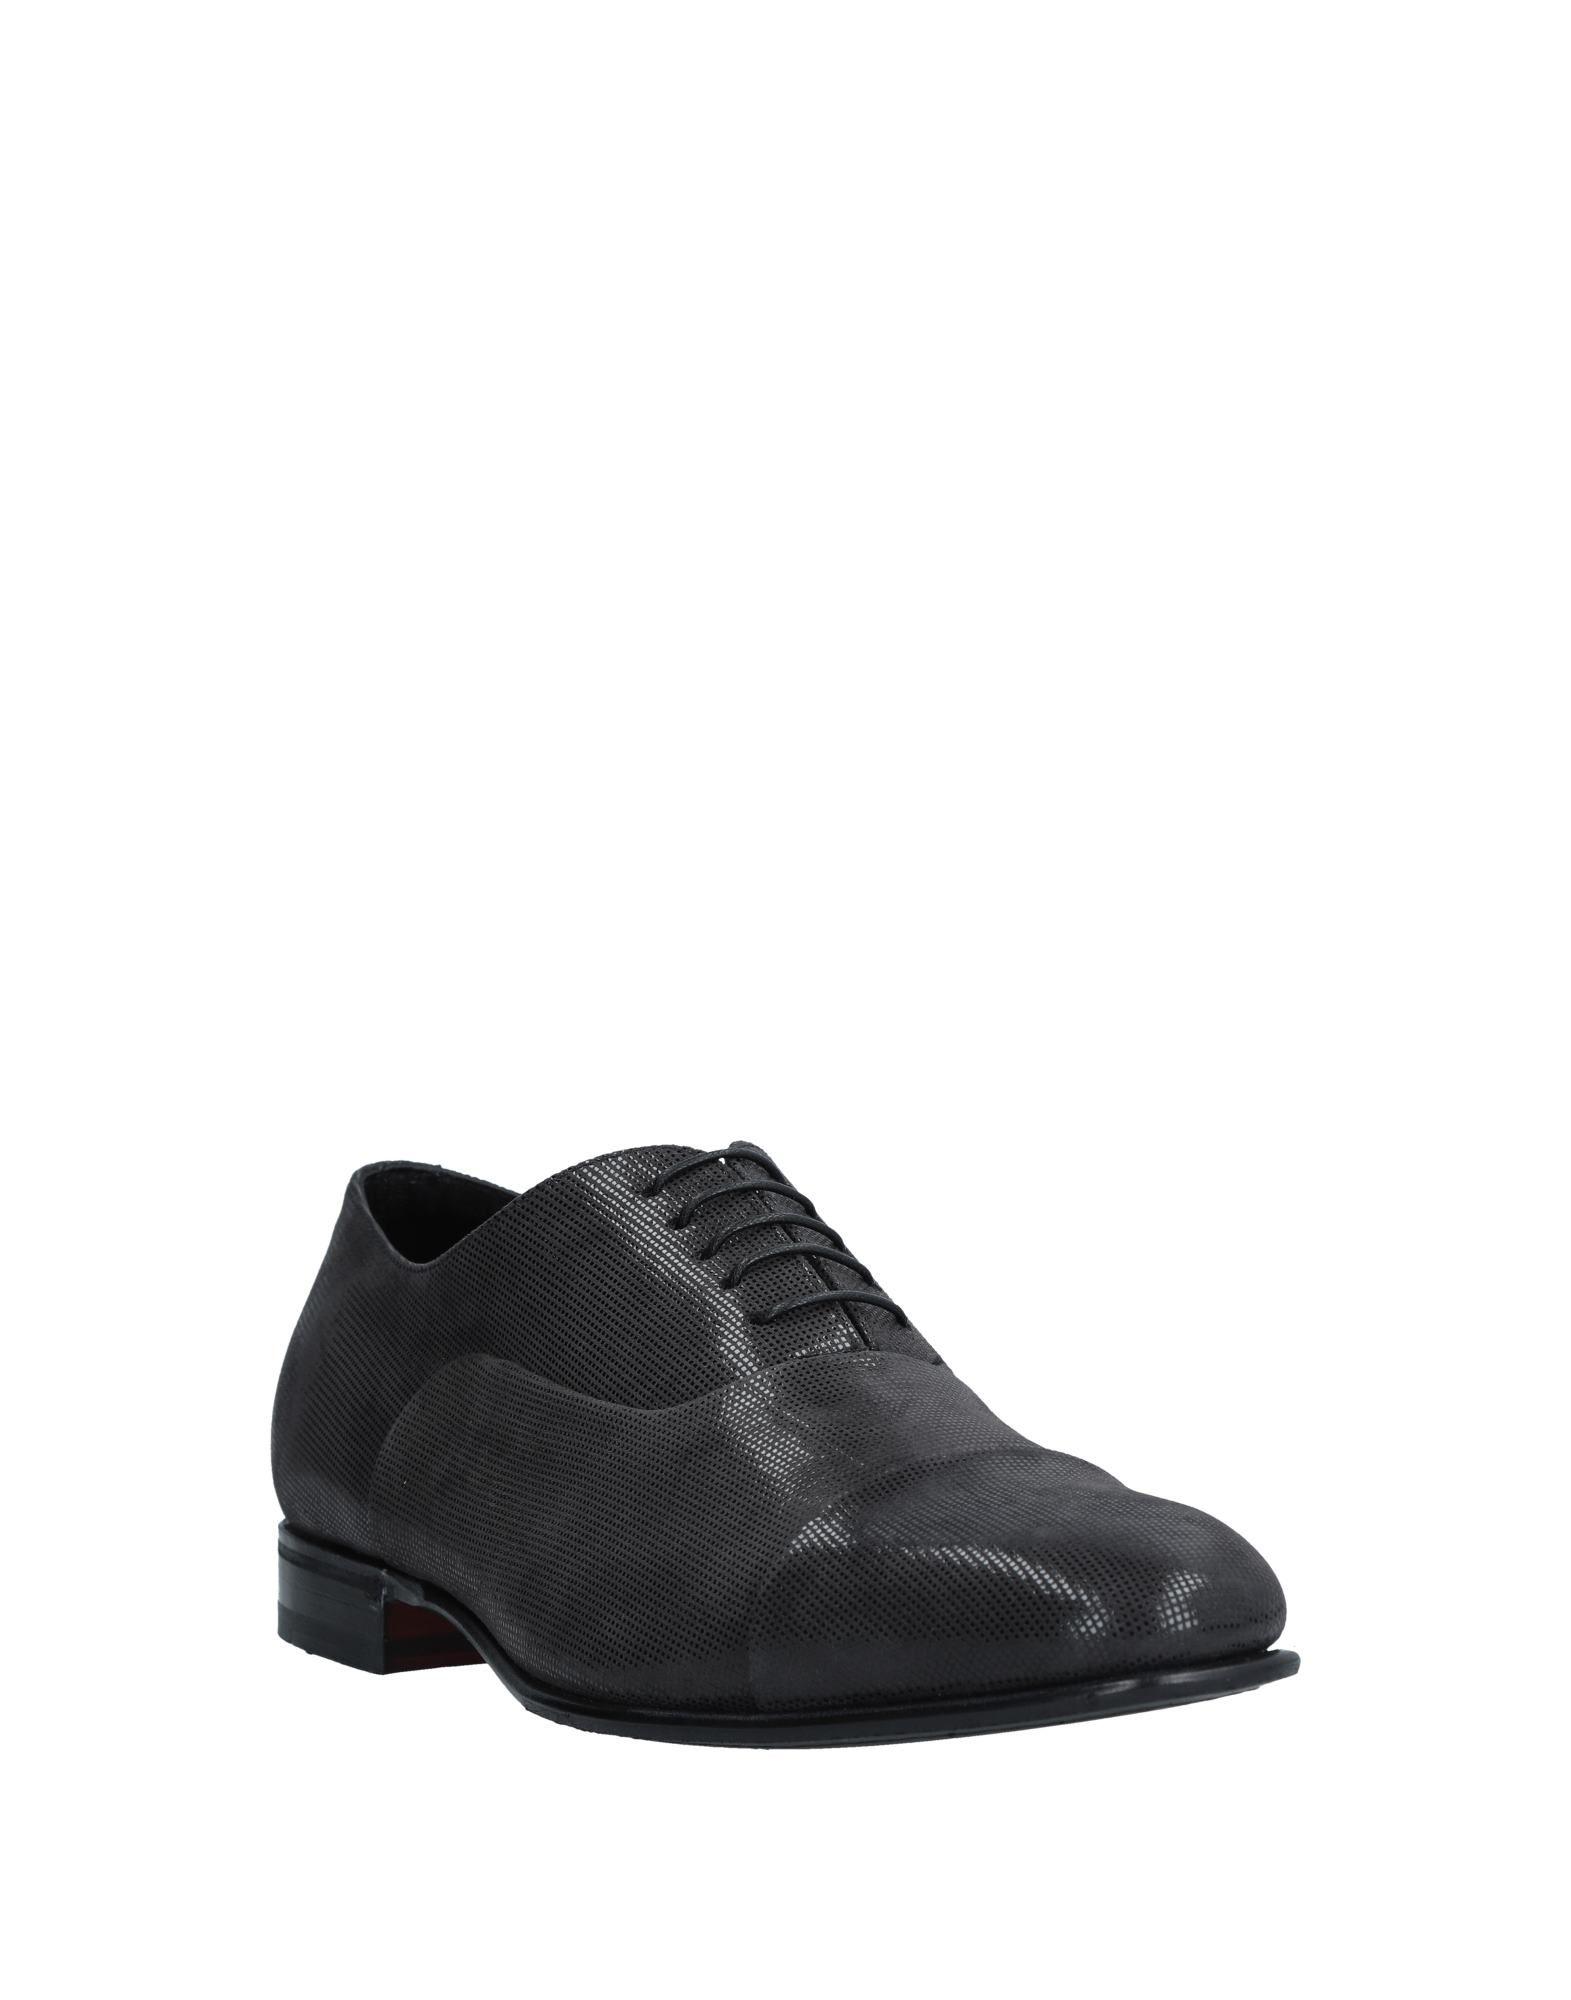 Fabi Mokassins Mokassins Fabi Herren  11543287UA Gute Qualität beliebte Schuhe 265d00